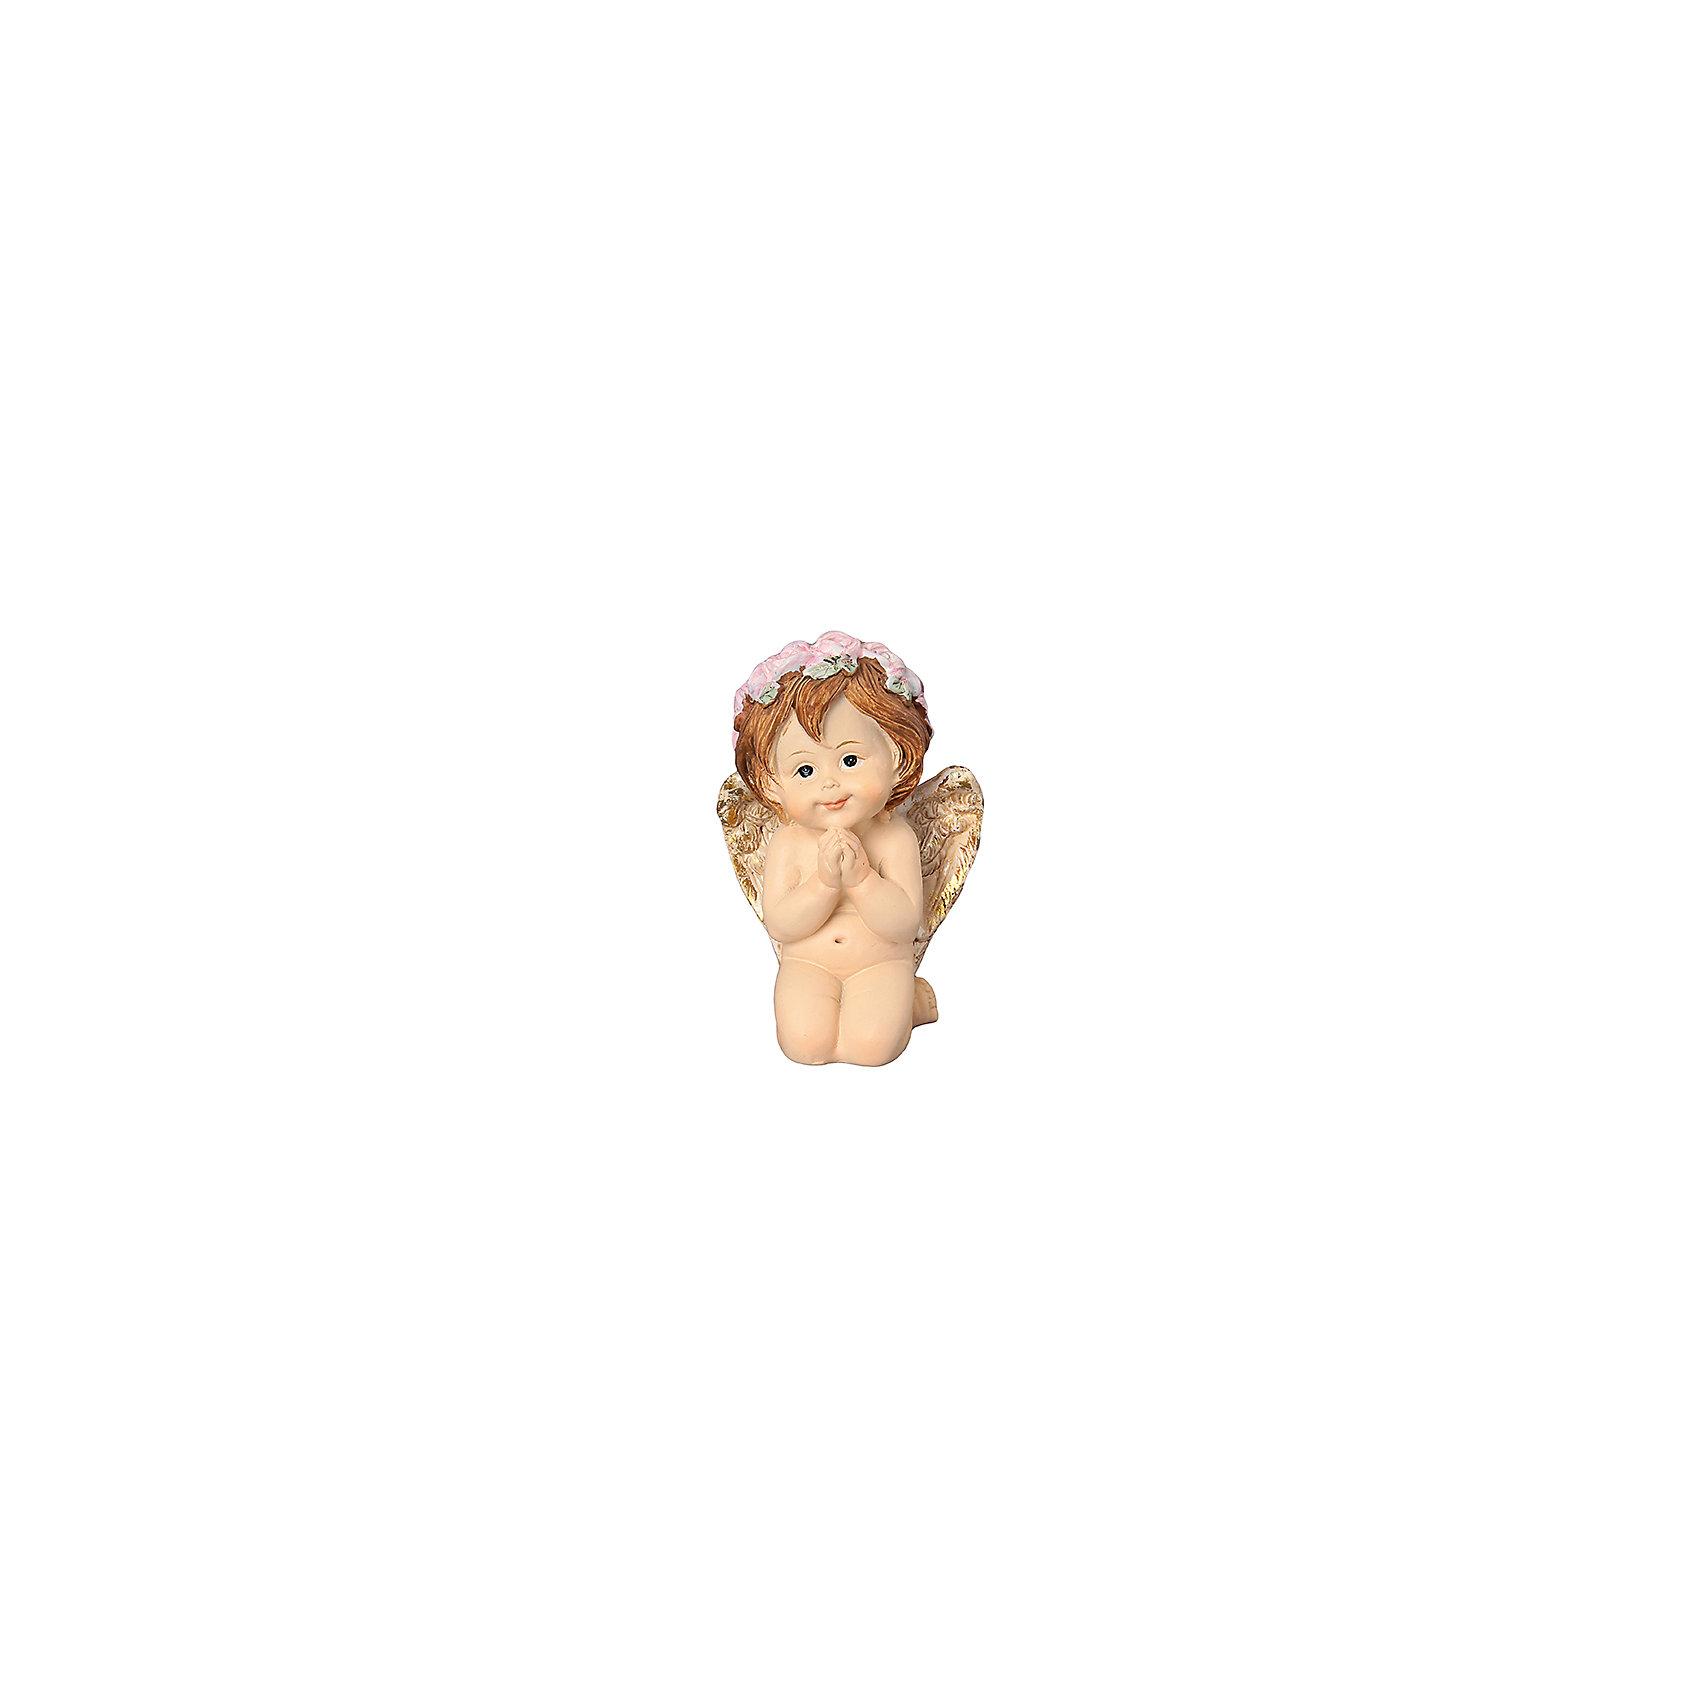 Фигурка декоративная Задумчивый ангелочек в венке, Elan GalleryПредметы интерьера<br>Фигурка декоративная  Elan Gallery 5,5*3,5*8,5 см. Задумчивый ангелочек в венке, Elan Gallery Декоративные фигурки - это отличный способ разнообразить внутреннее убранство вашего дома. Размер  5,5х3,5х8,5 см.<br><br>Ширина мм: 53<br>Глубина мм: 50<br>Высота мм: 85<br>Вес г: 181<br>Возраст от месяцев: 0<br>Возраст до месяцев: 1188<br>Пол: Унисекс<br>Возраст: Детский<br>SKU: 6668950